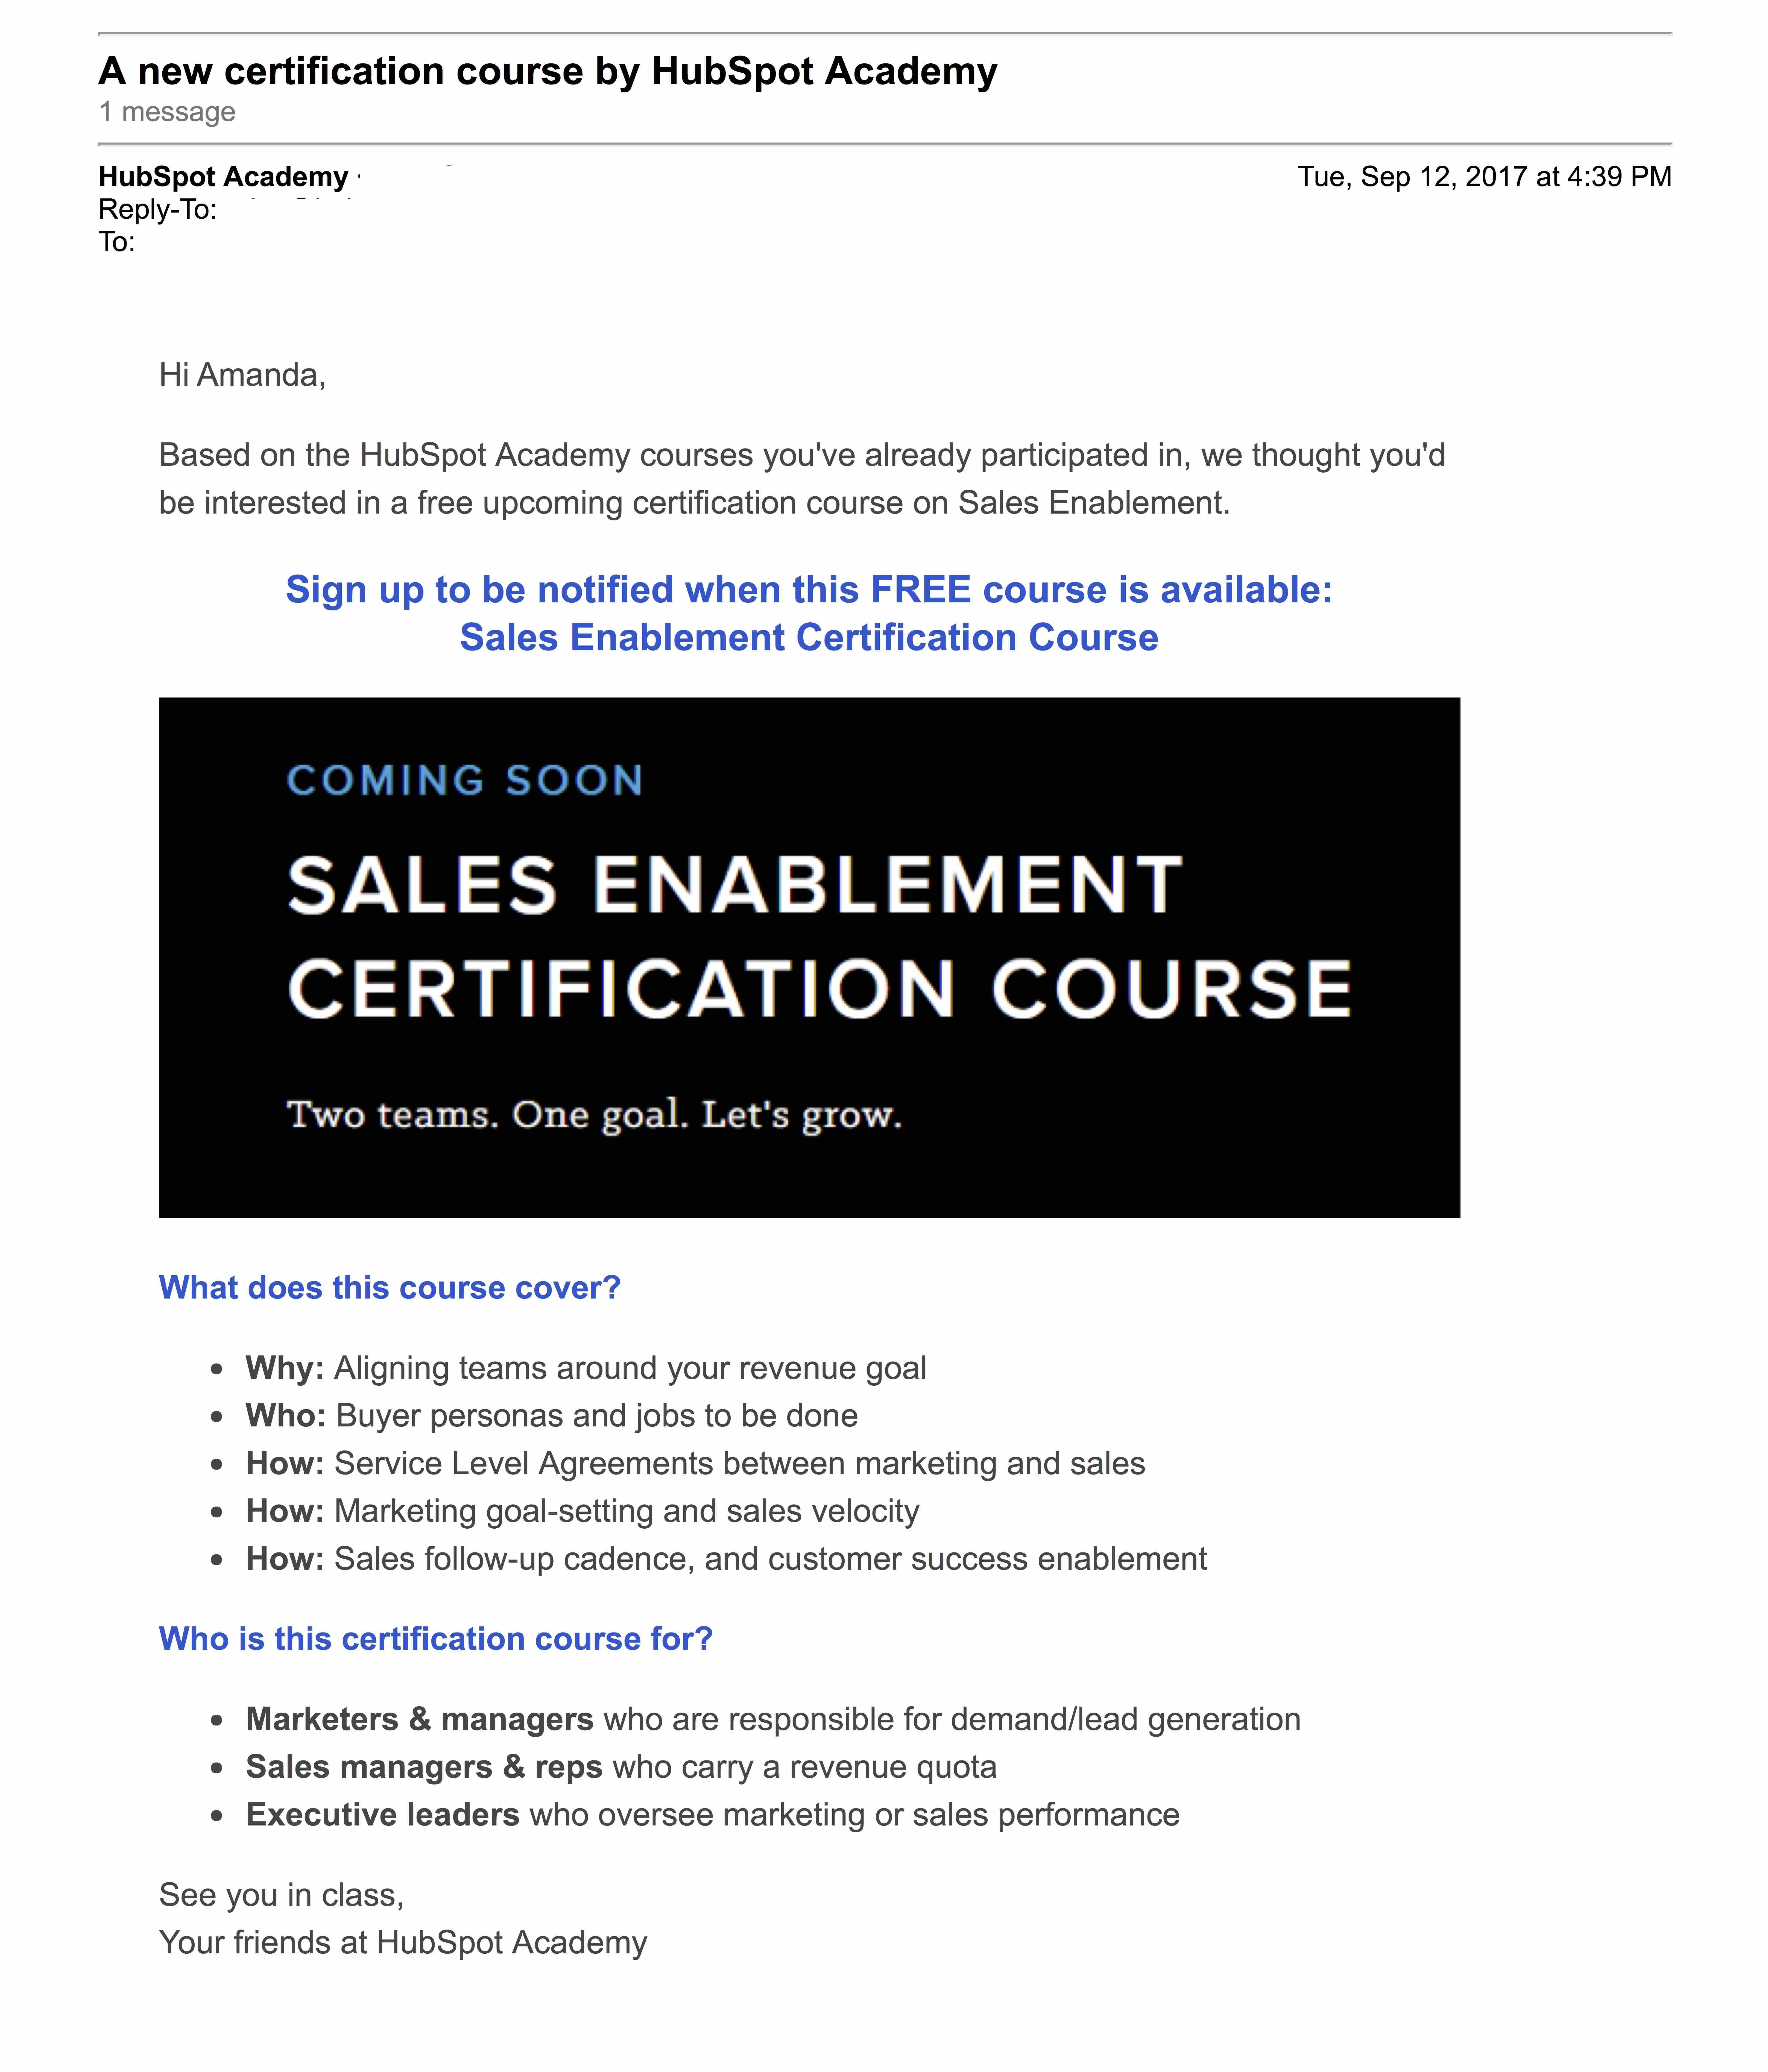 HubSpot Mail  -  HubSpot Academy新推出的認證課程